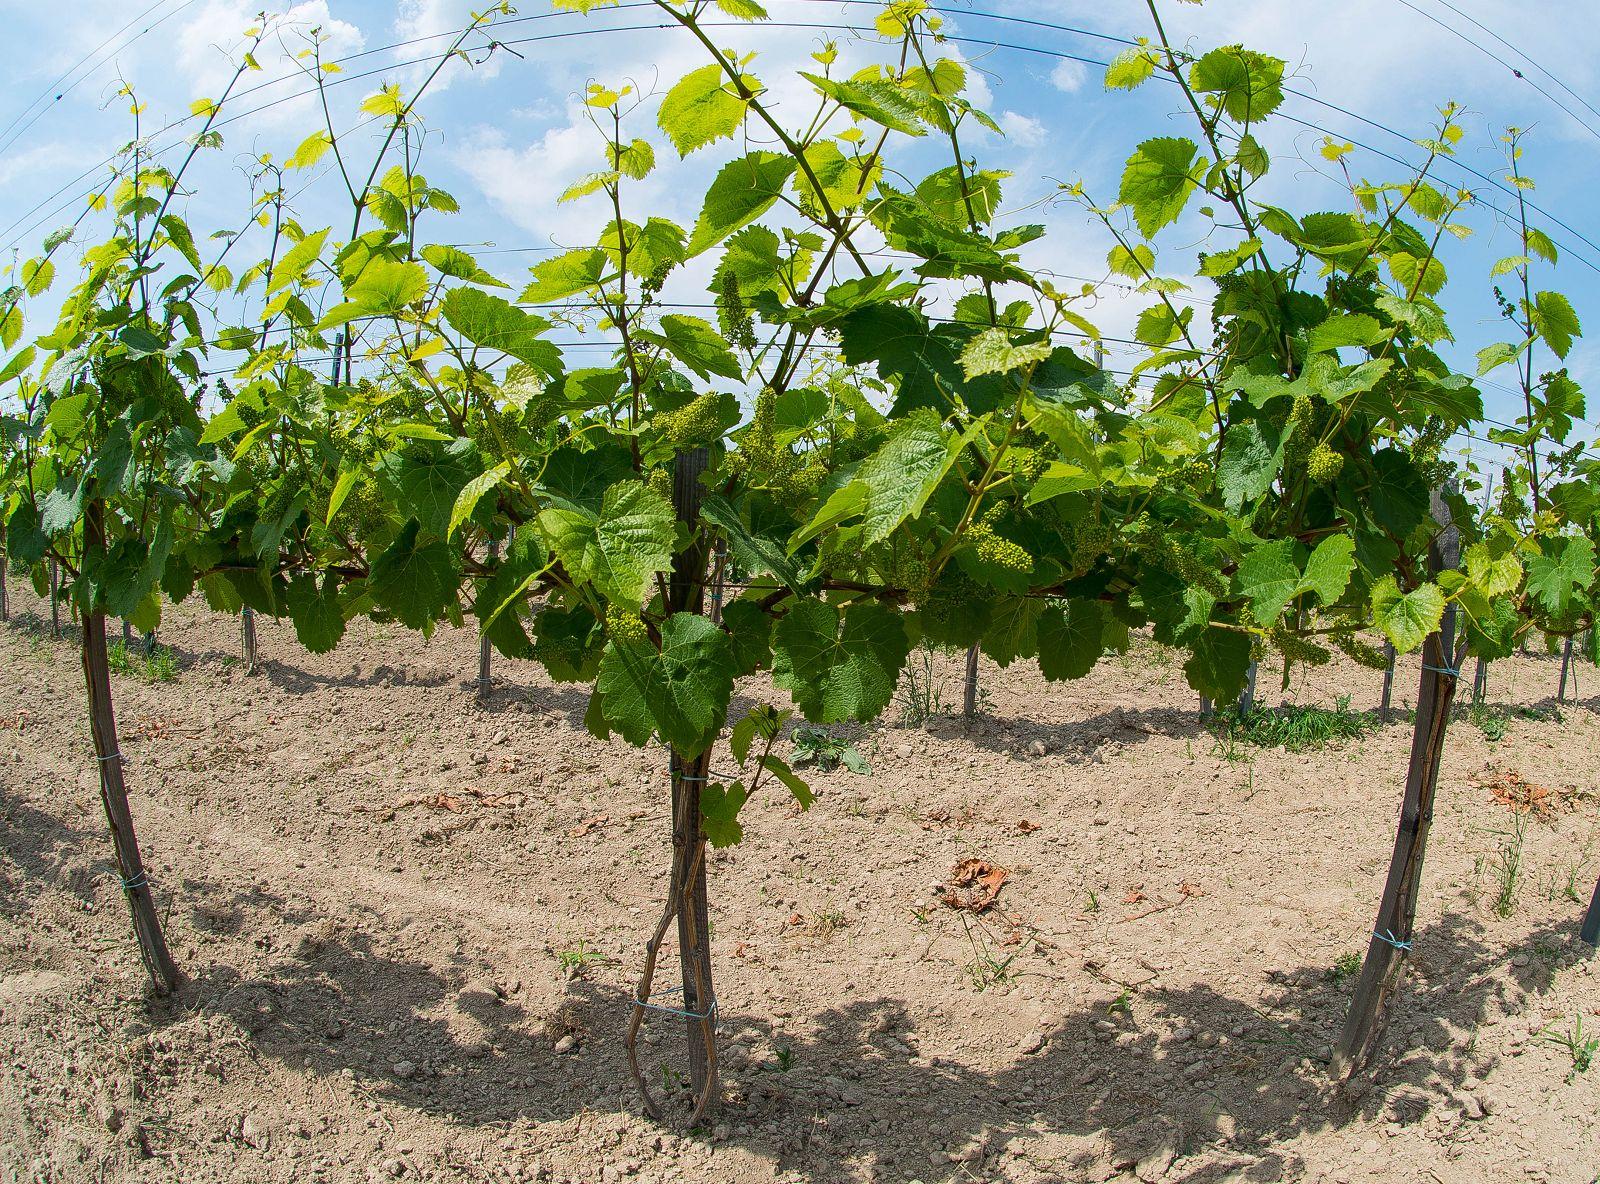 krzewy, winne, winna, latorośl, winogrady, uprawa, winnica, stranna